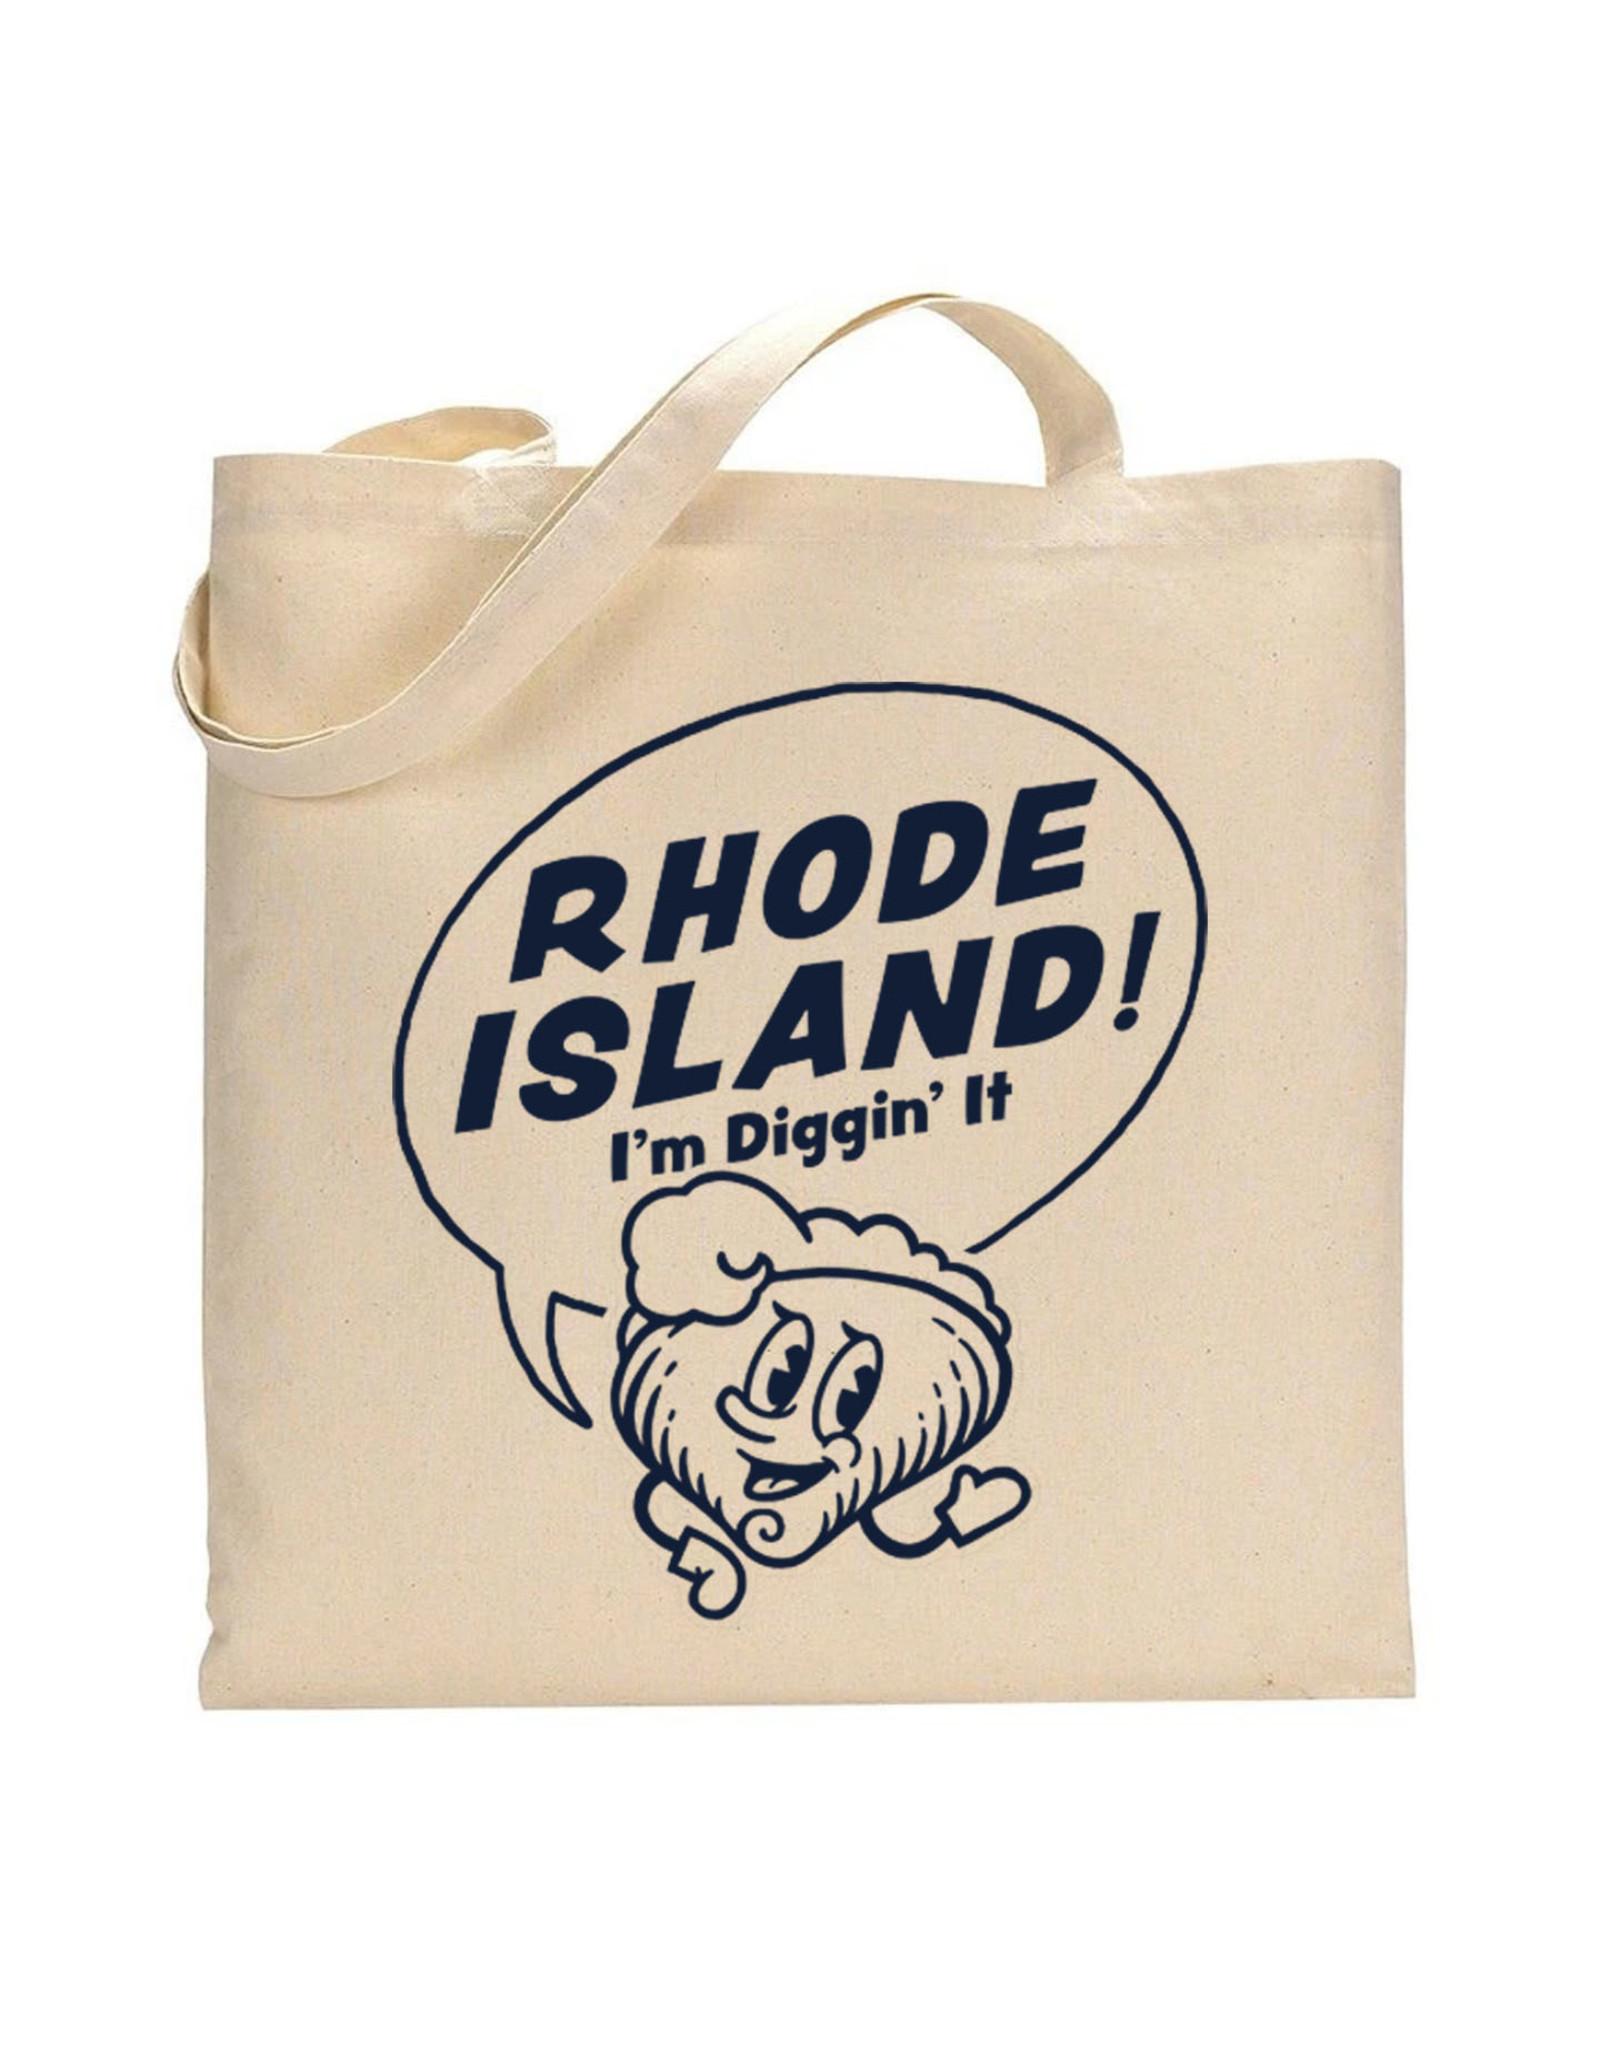 Rhode Island! I'm Diggin' It Clancy Tote